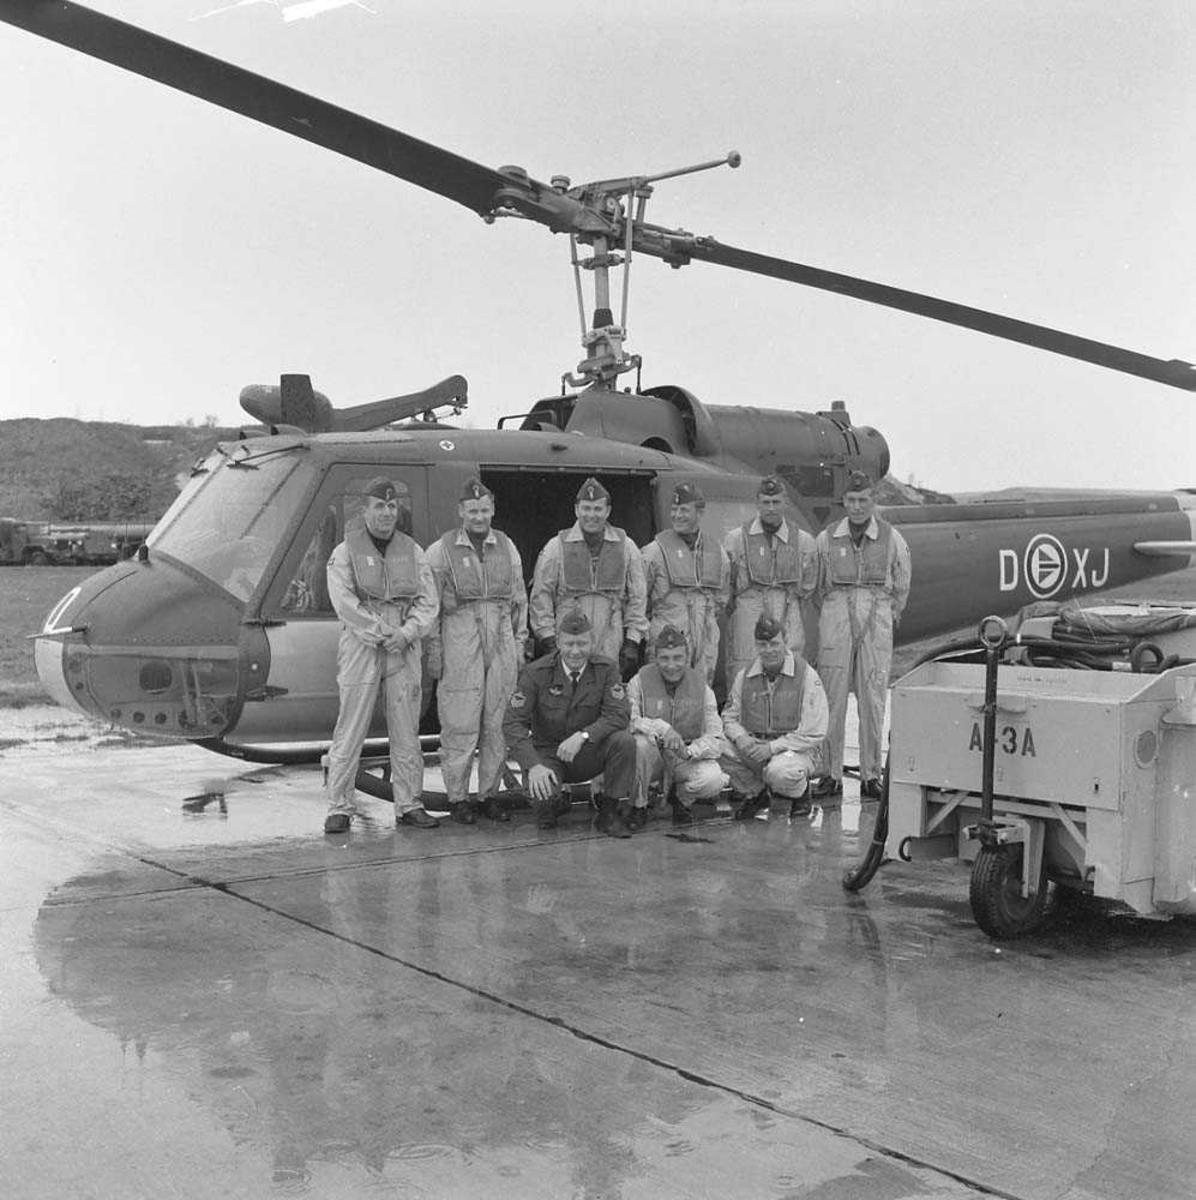 719 skvadron, Bodø flystasjon. Mannskap og helikopter, Bell 204, er fotografert før avreise til Holland. Helikopteret har kjennetegn XJ-D.